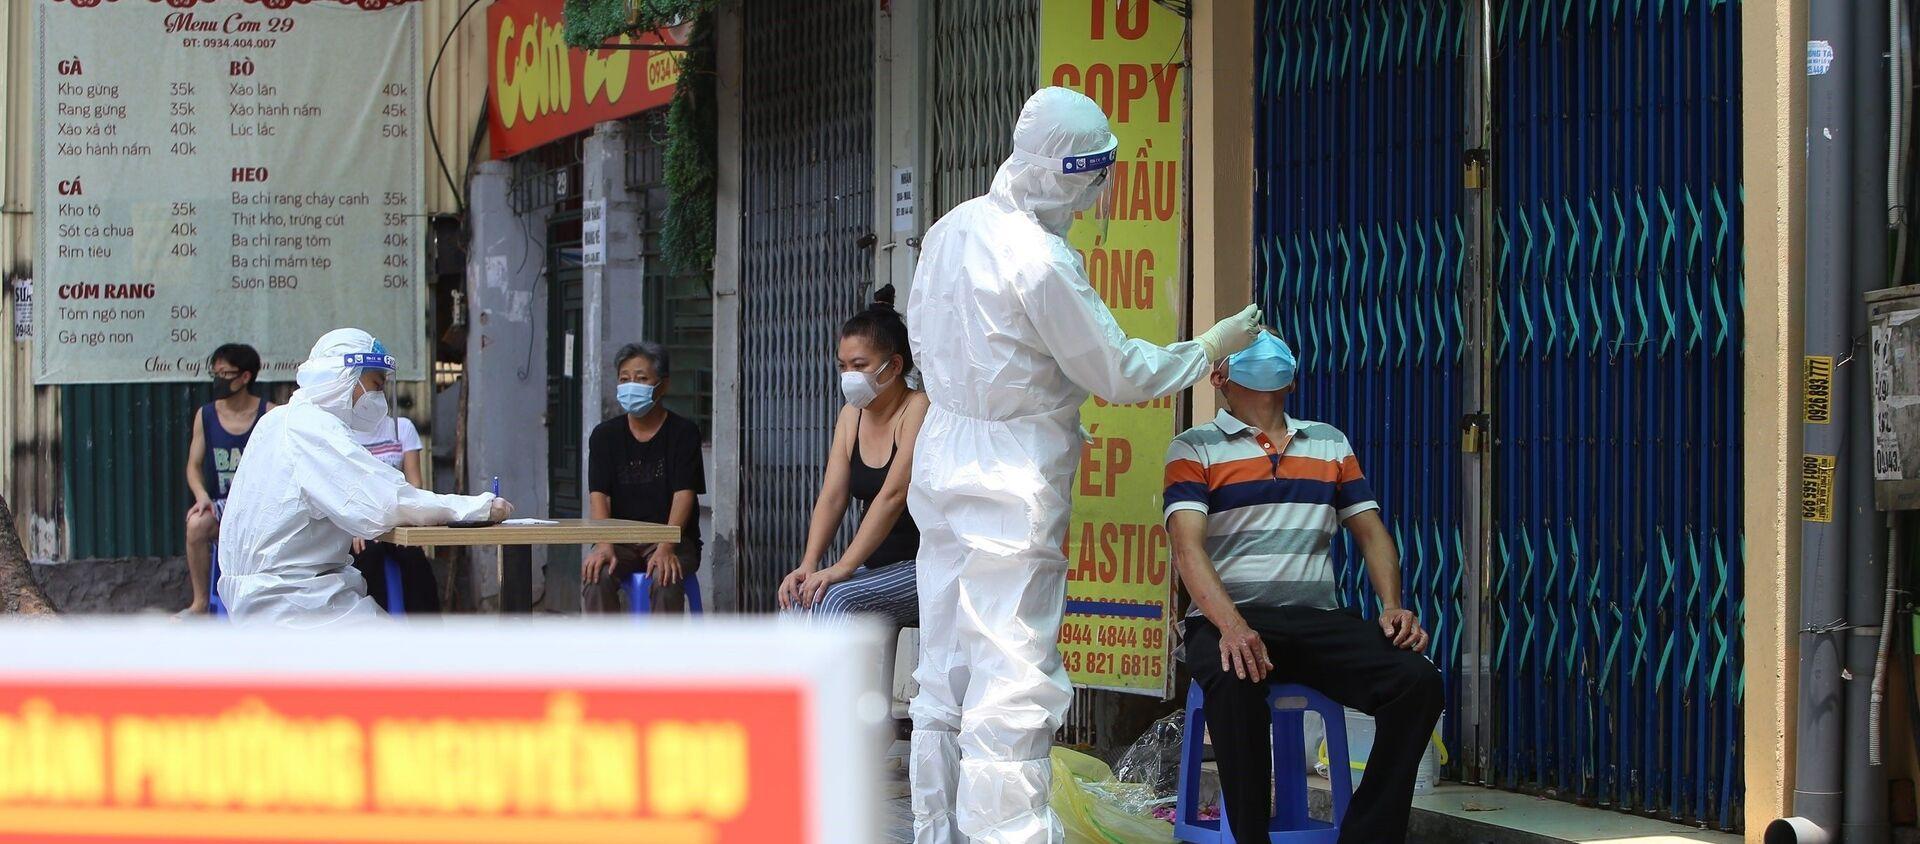 Lực lượng y tế quận Hai Bà Trưng lấy mẫu xét nghiệm cho người dân phố Tô Hiến Thành - Sputnik Việt Nam, 1920, 25.07.2021